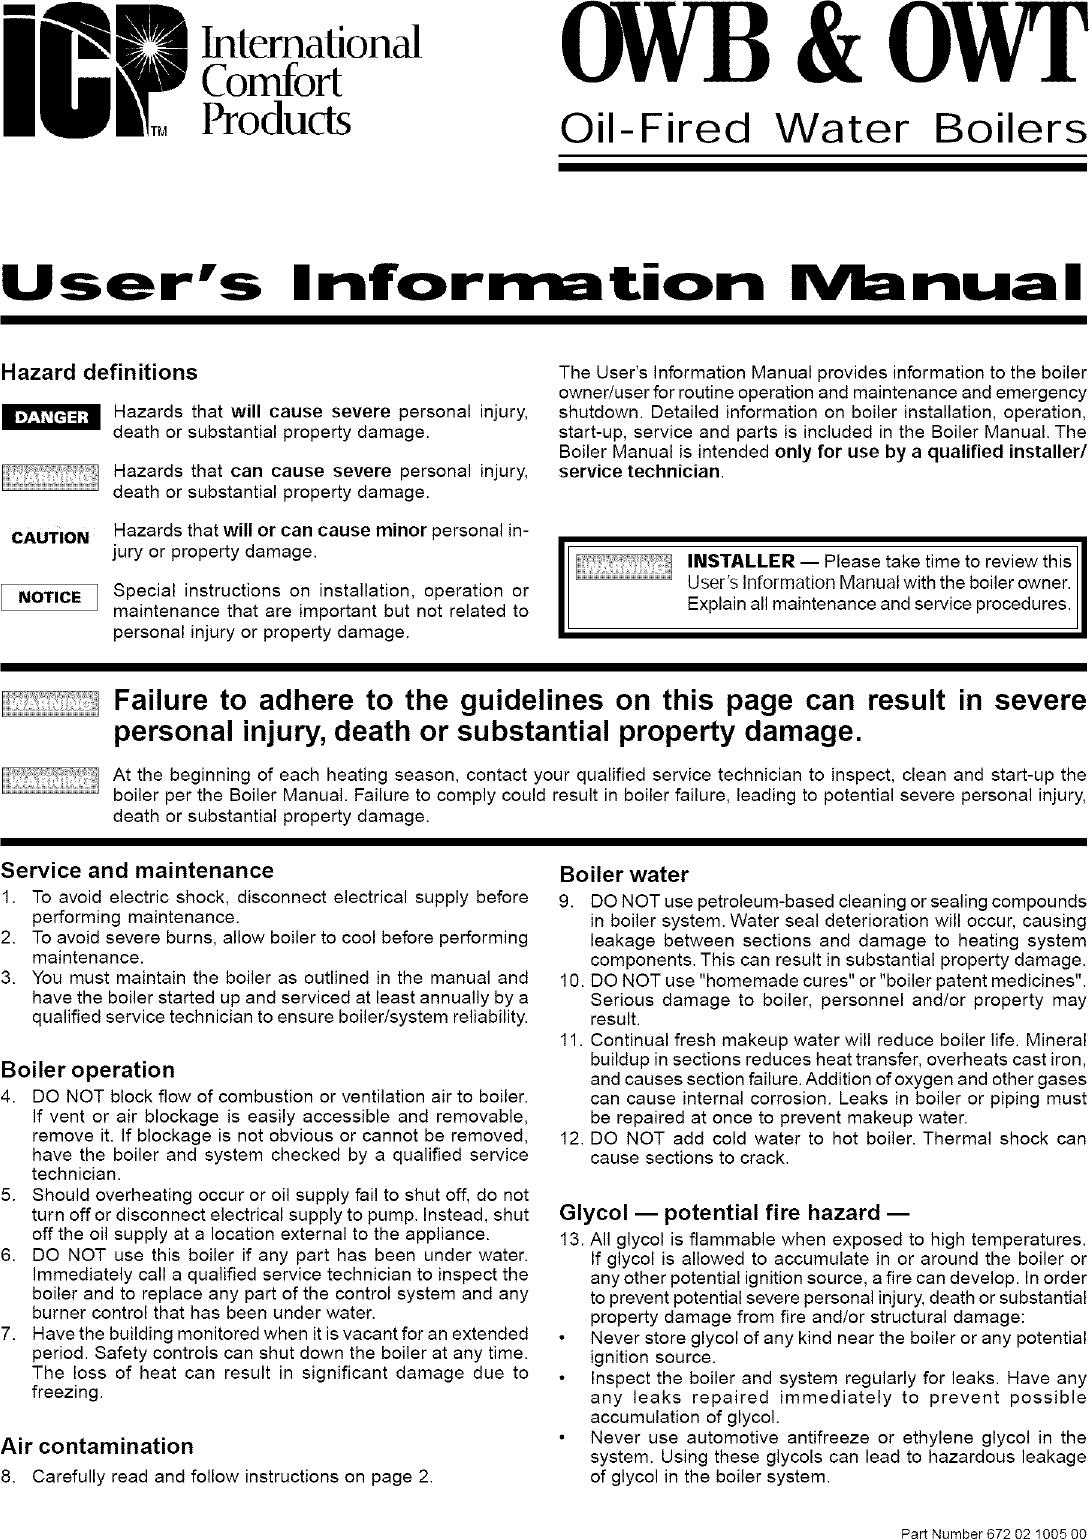 ICP Boiler Manual L0705284